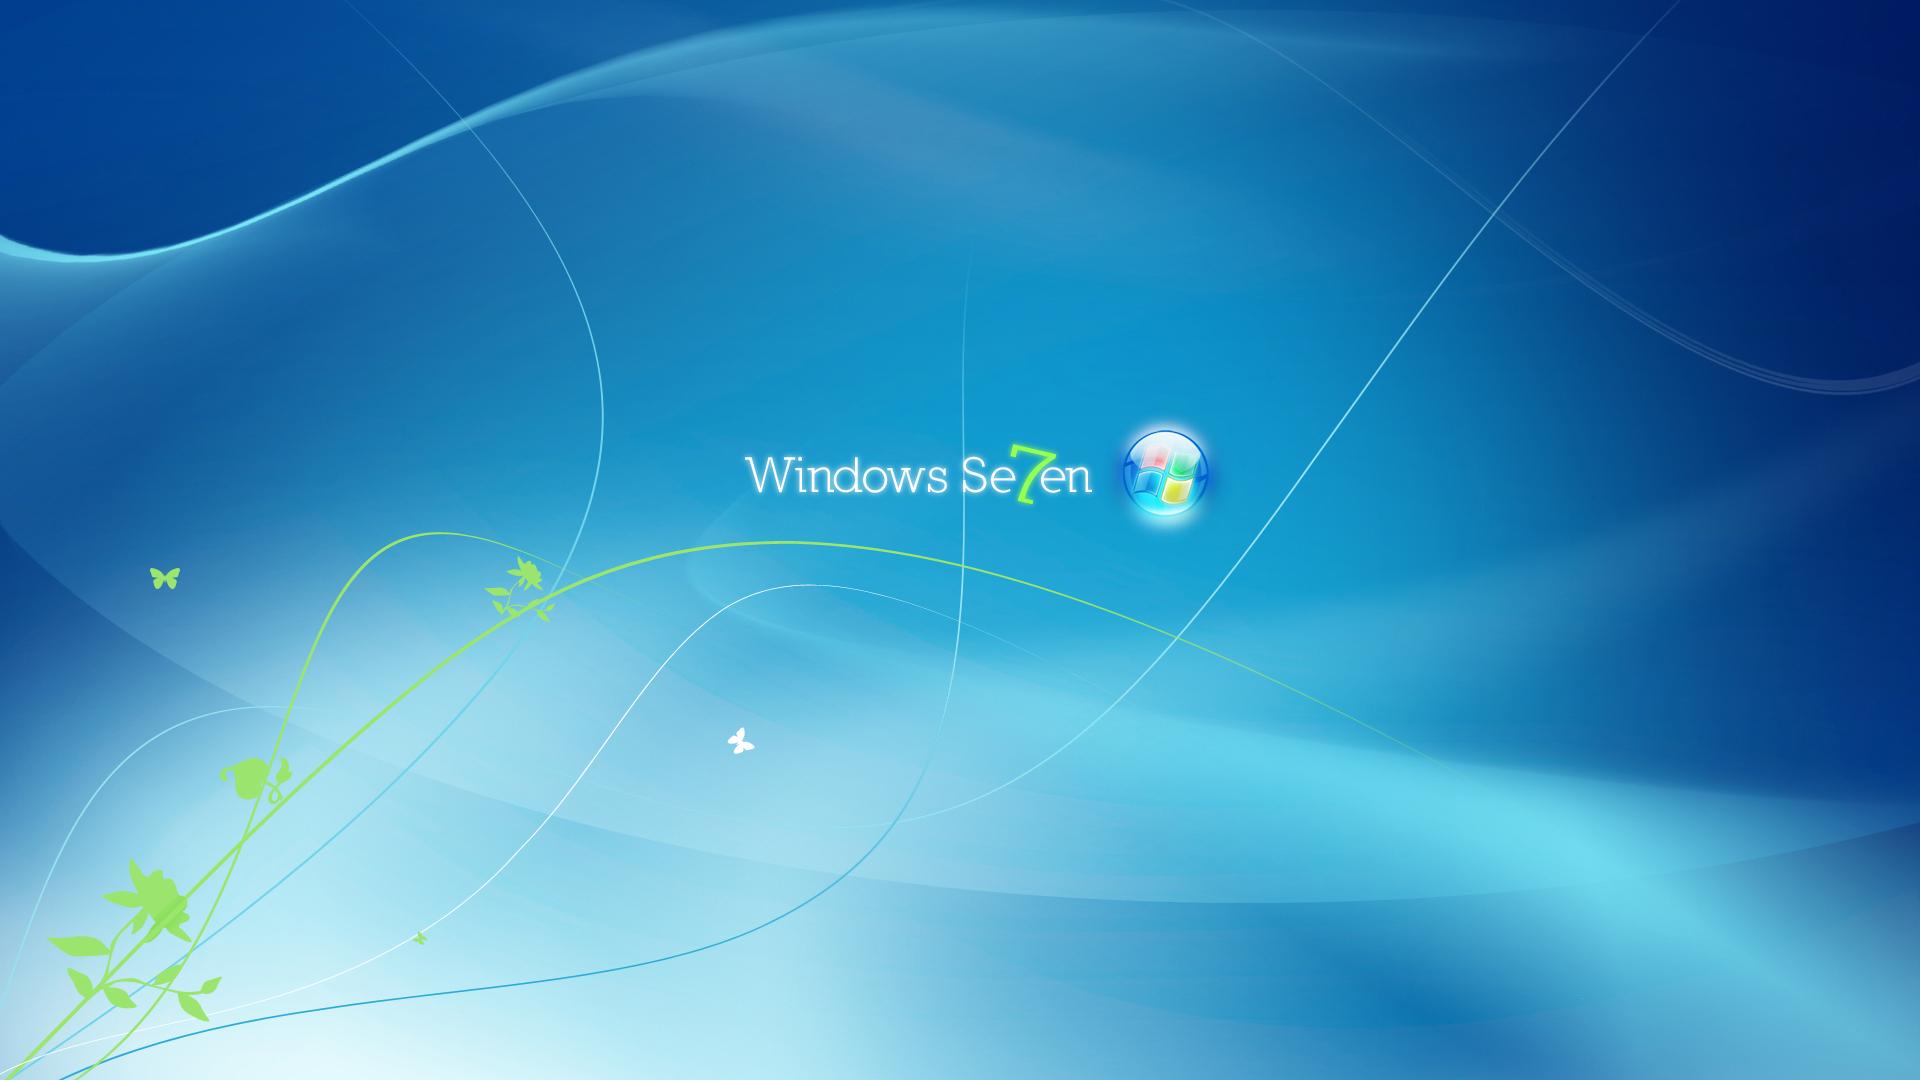 windows seven hd 1080p HDjpg 1920x1080